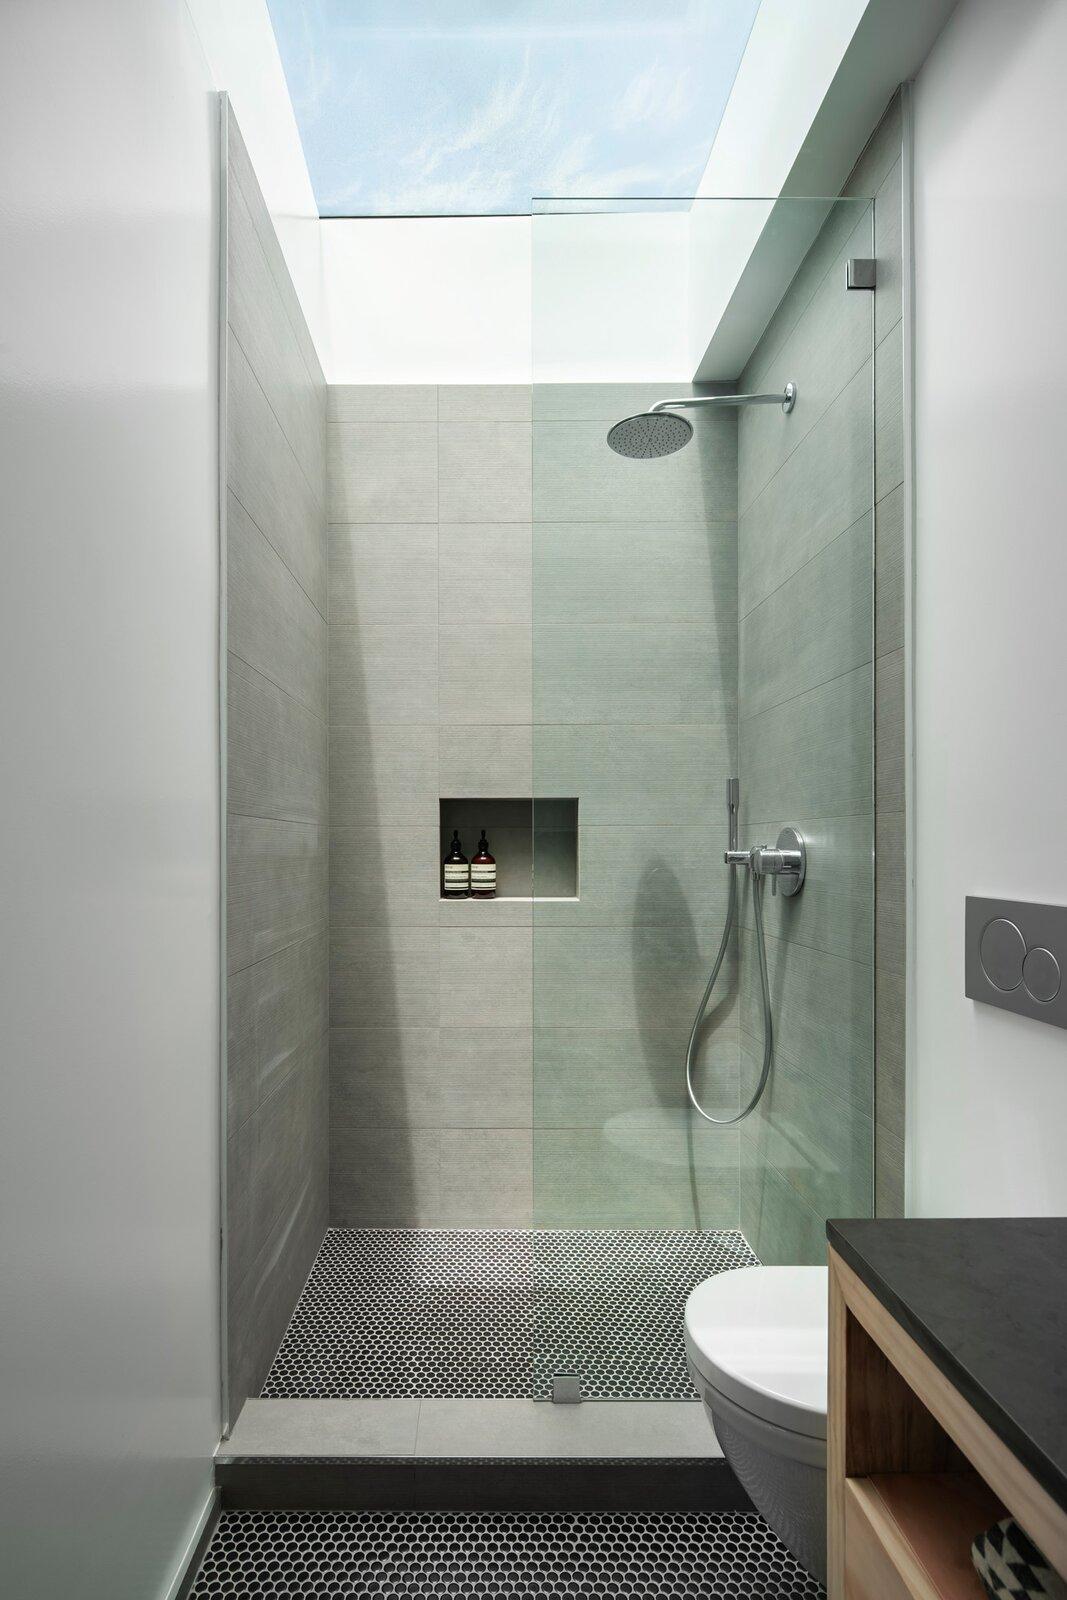 Bau10 Architecture Couer d'Alene shower